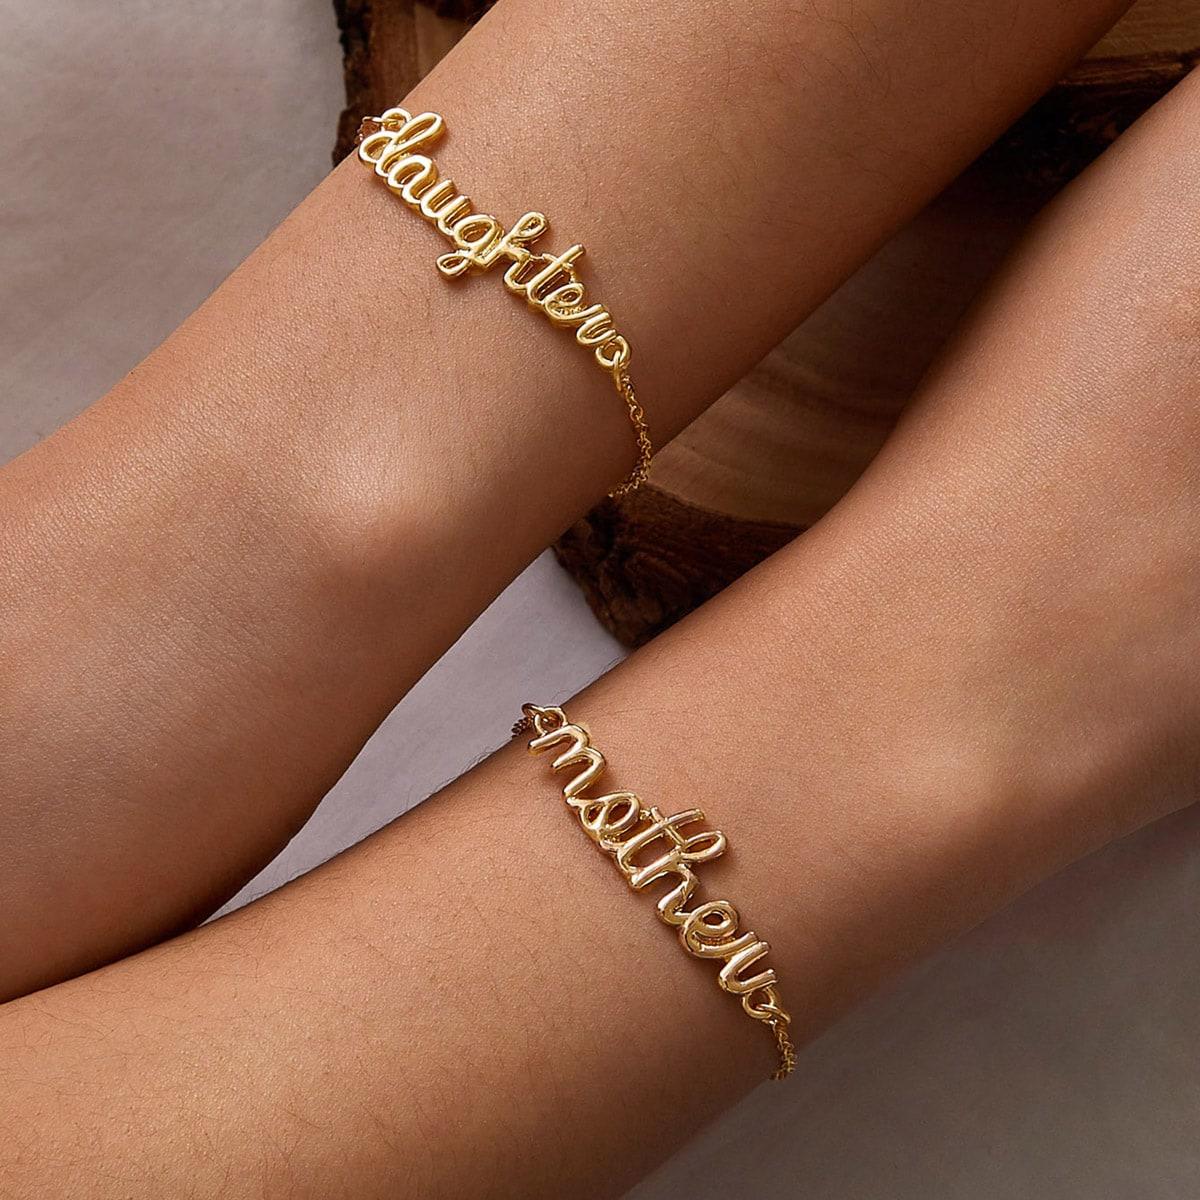 Katy Perry's Picks 2pcs Hollow Out Letter Decor Chain Bracelet